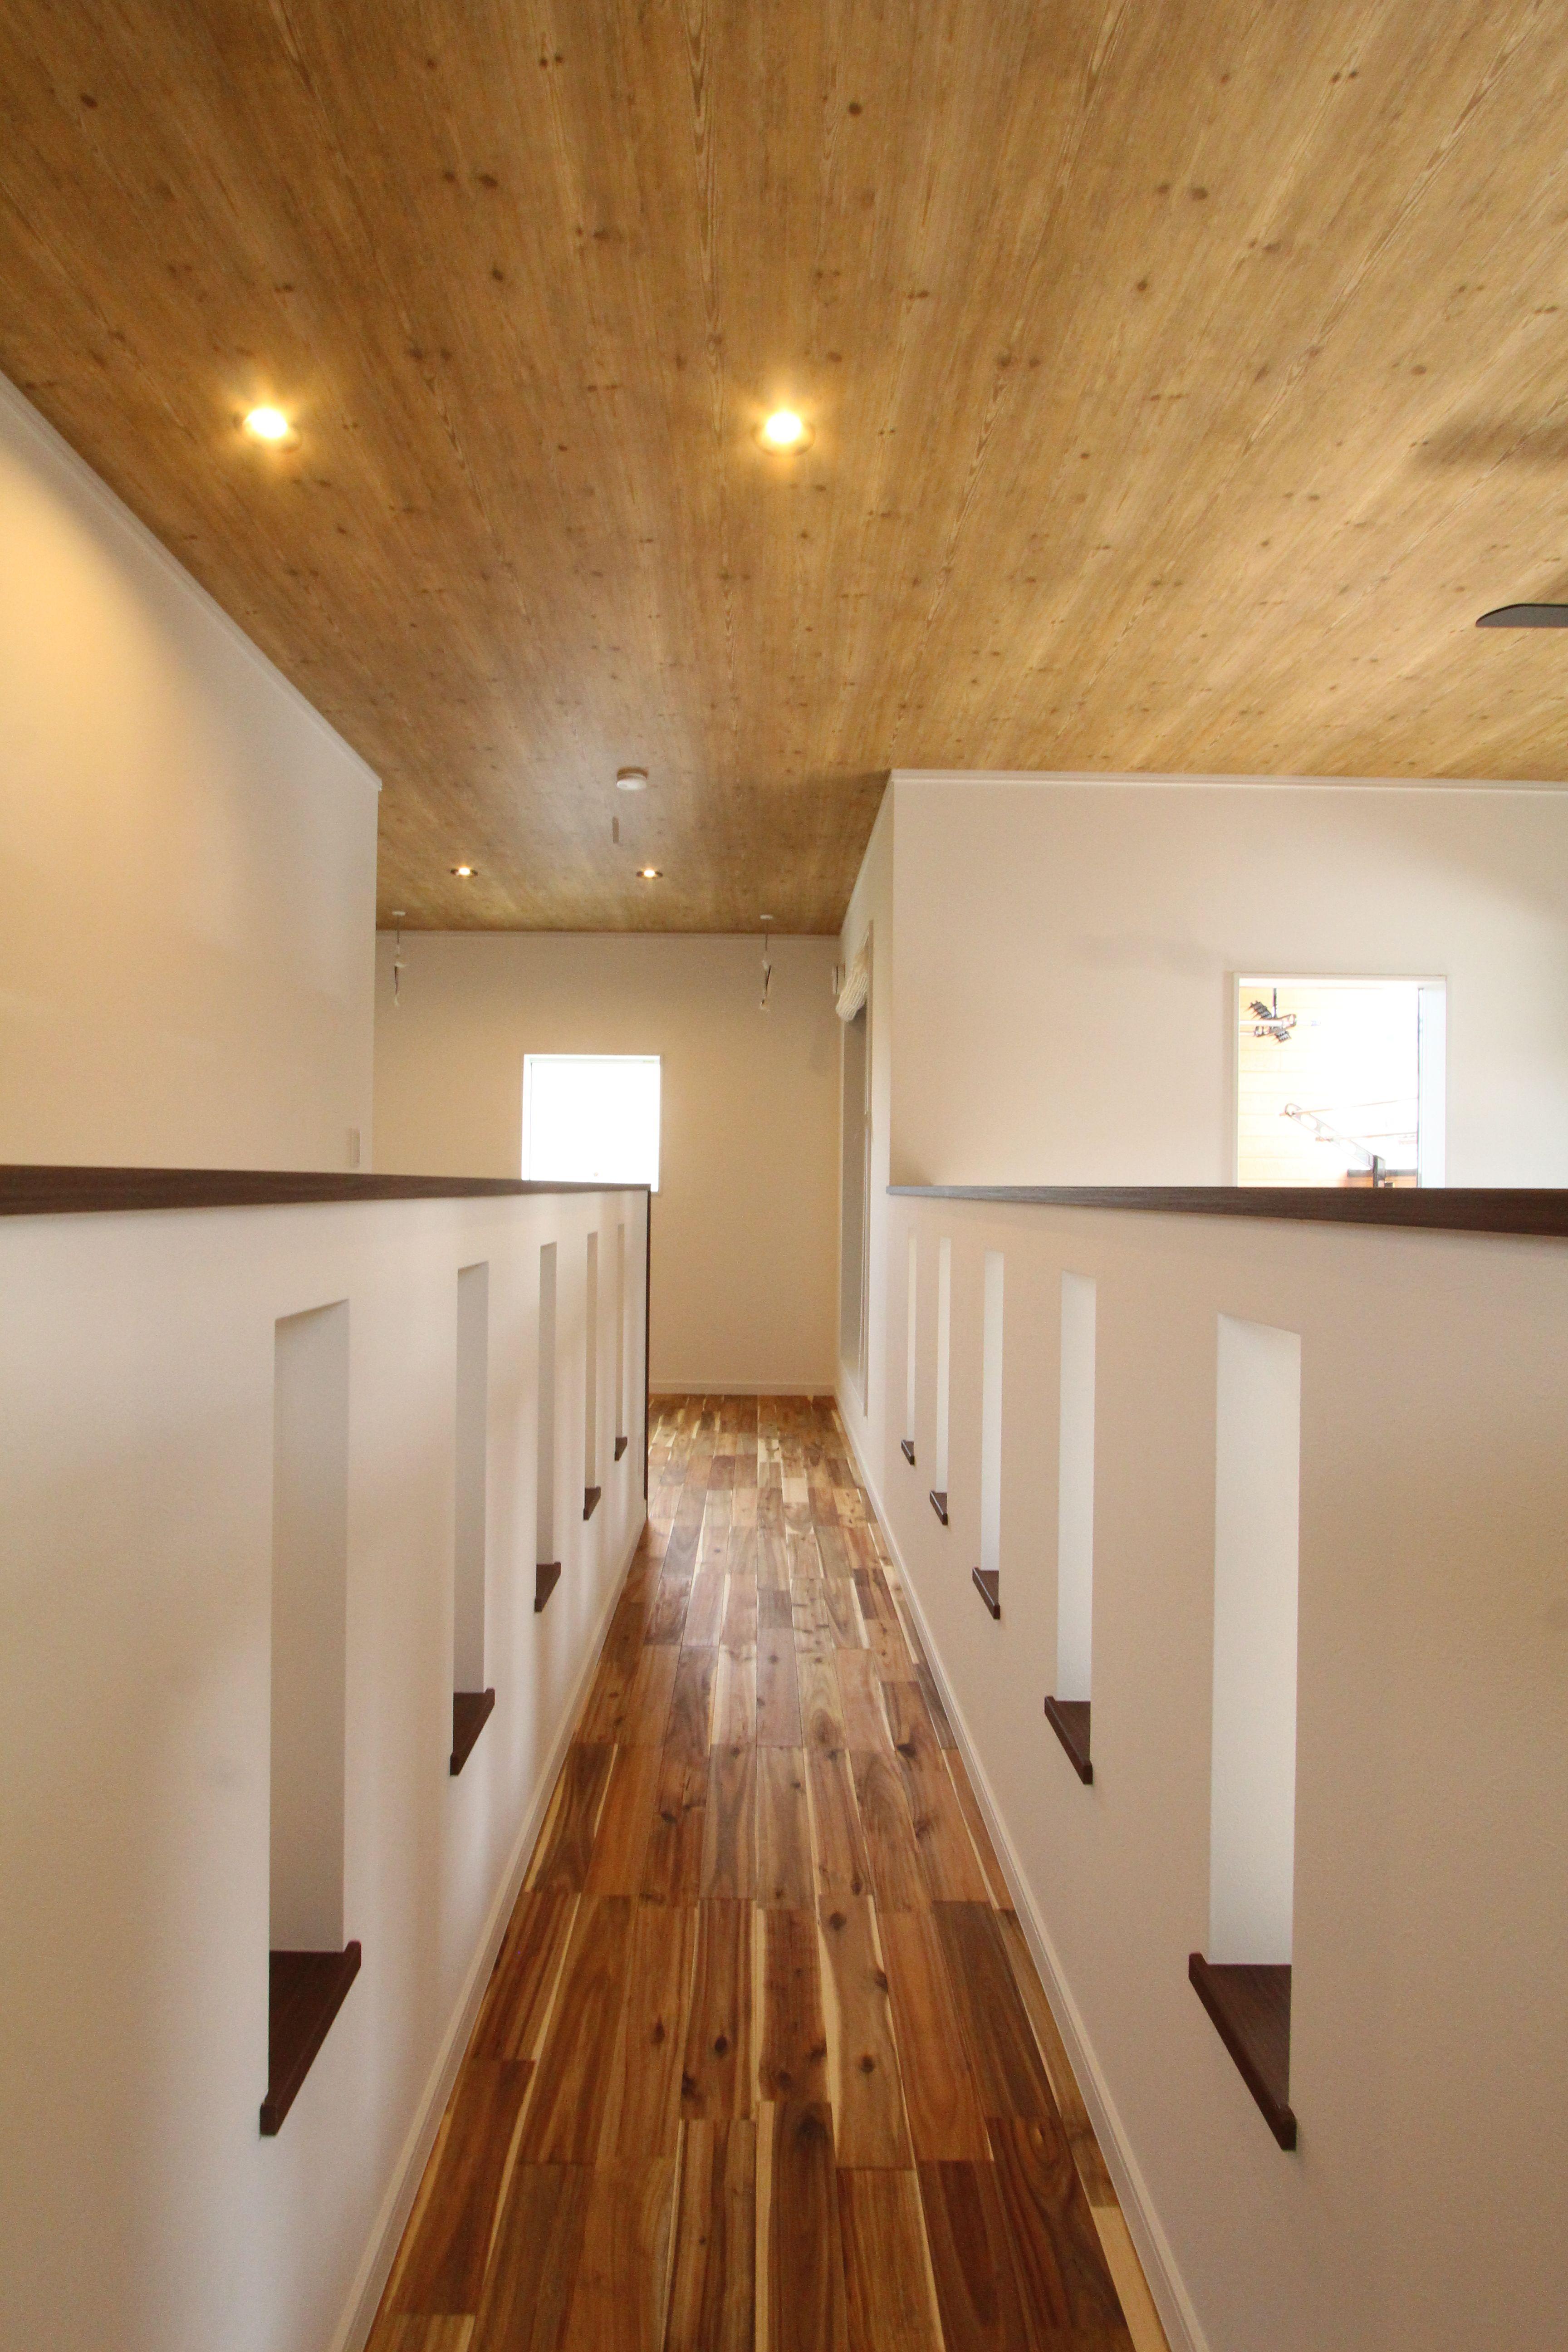 2階ブリッジ 木目天井 アカシア無垢材 家 2階 インテリア